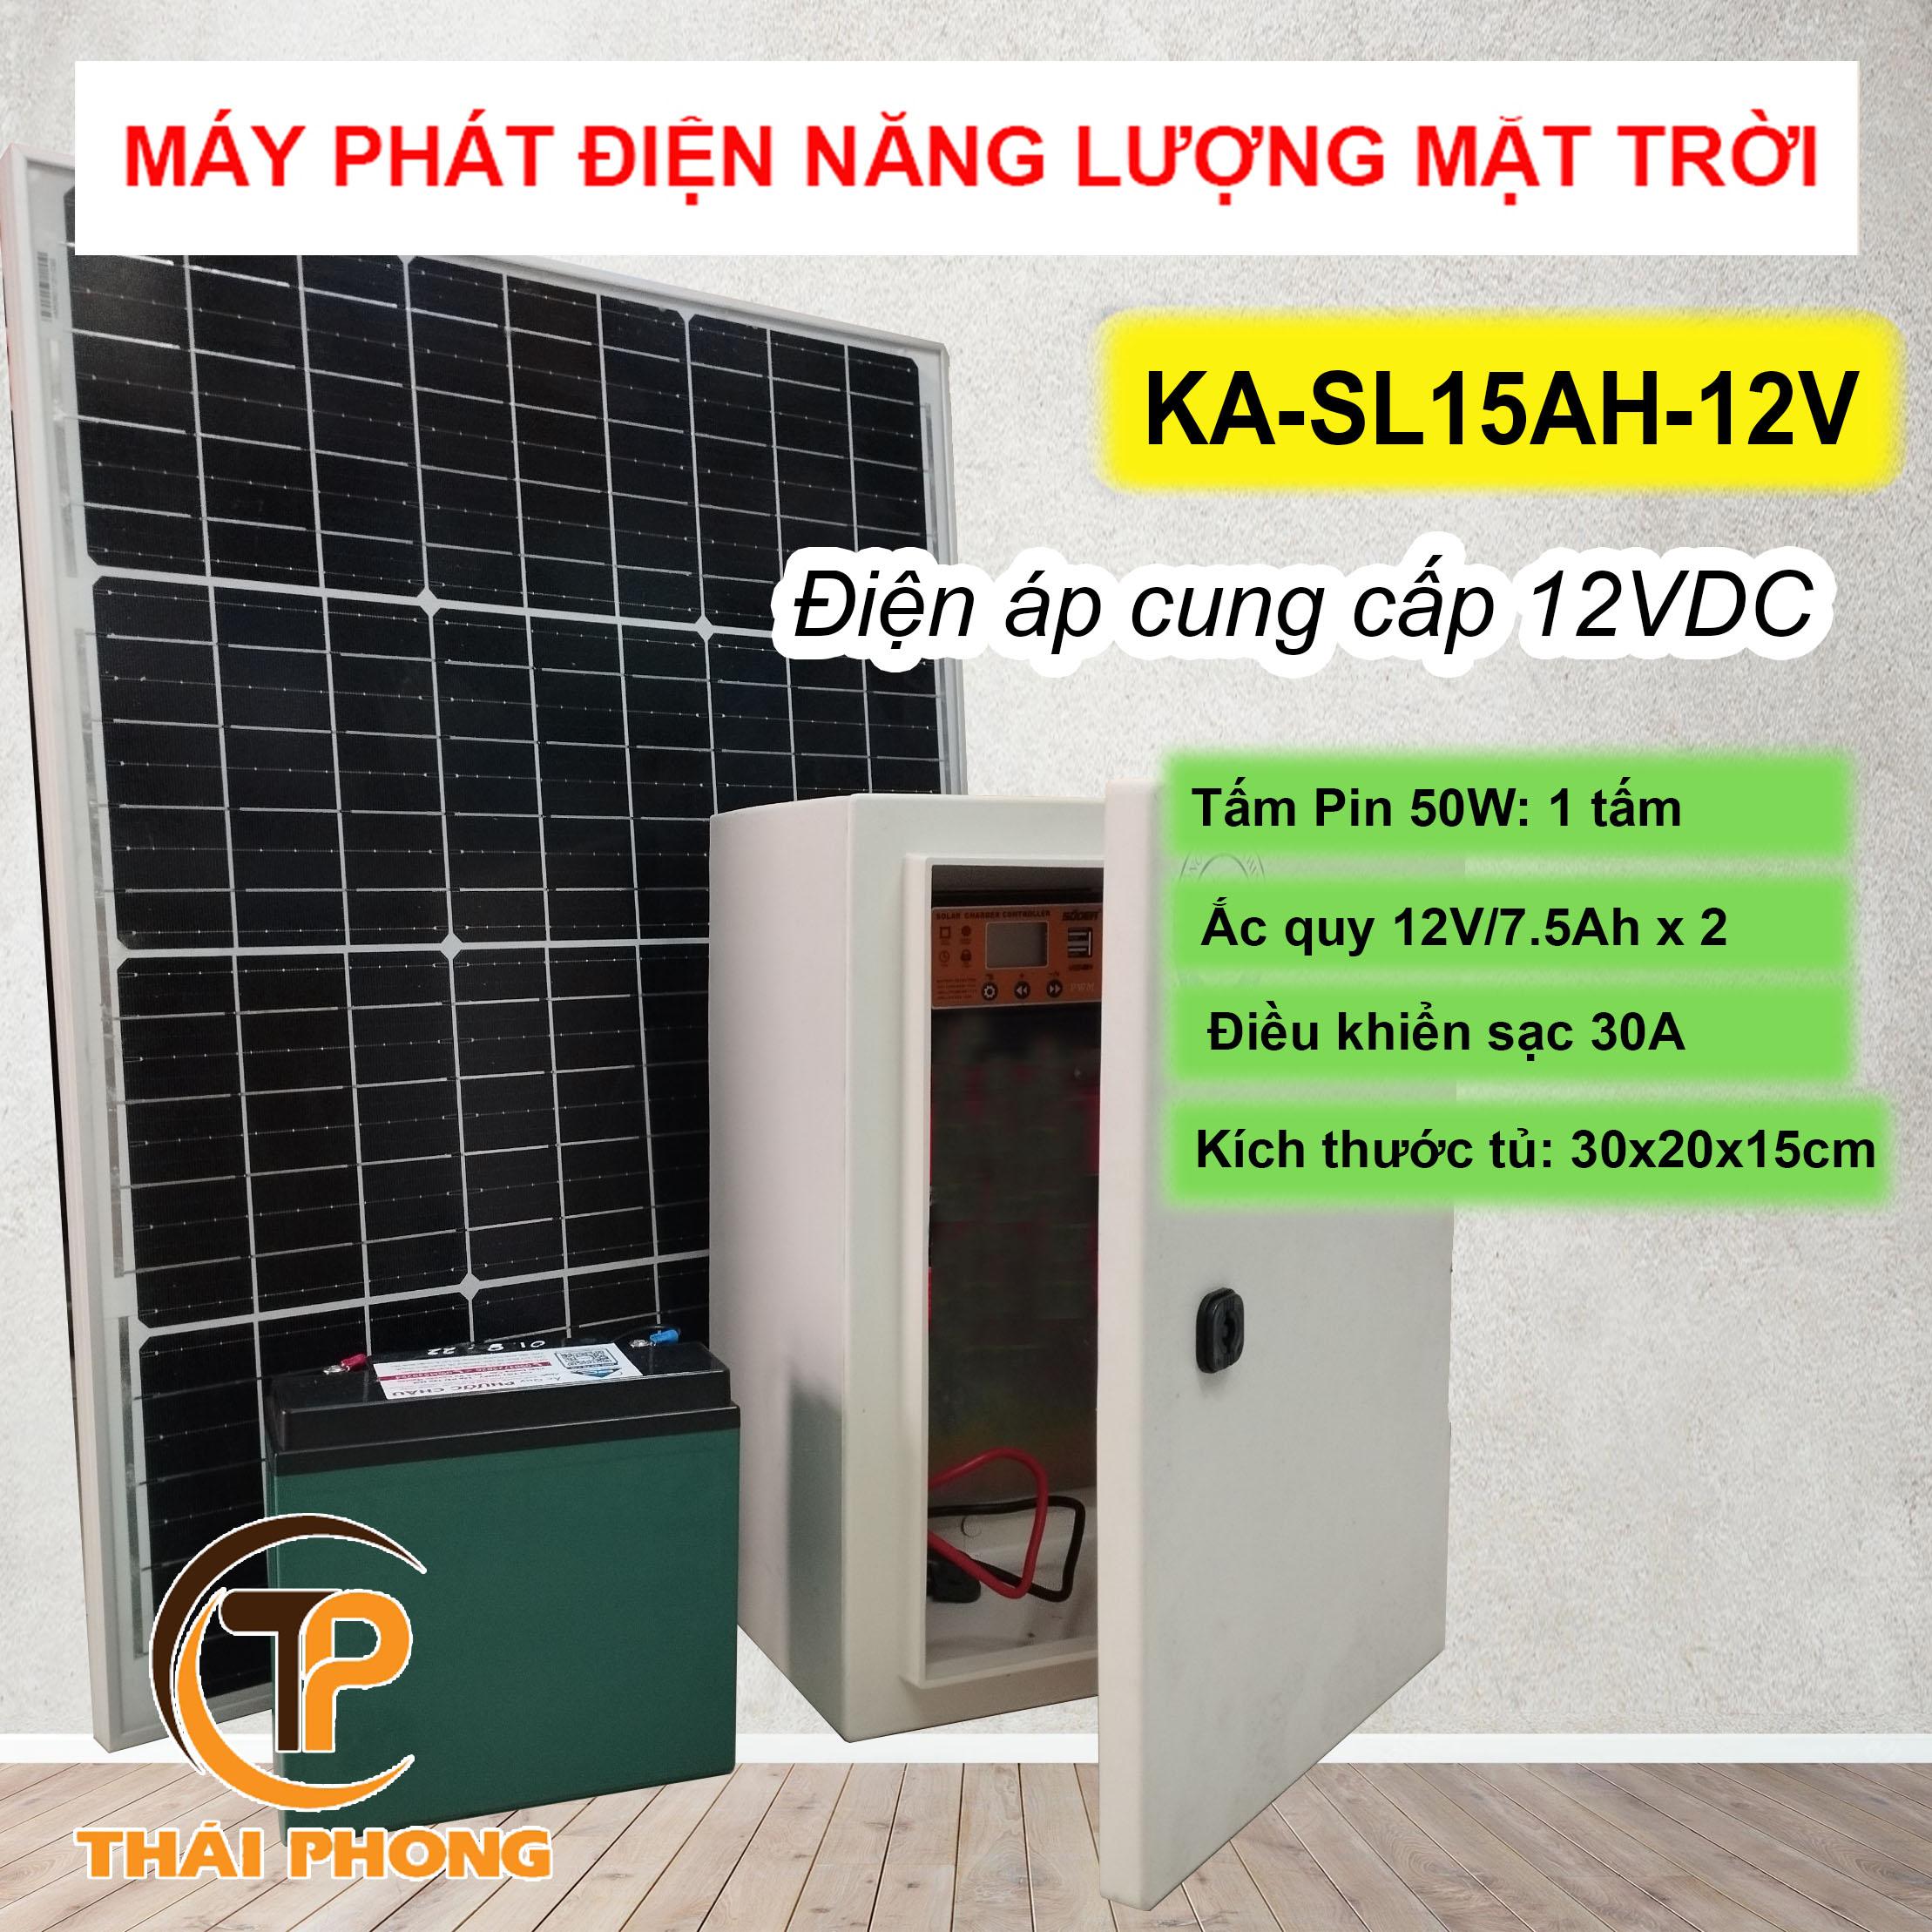 bộ lưu trữ năng lượng mặt trời cho camera